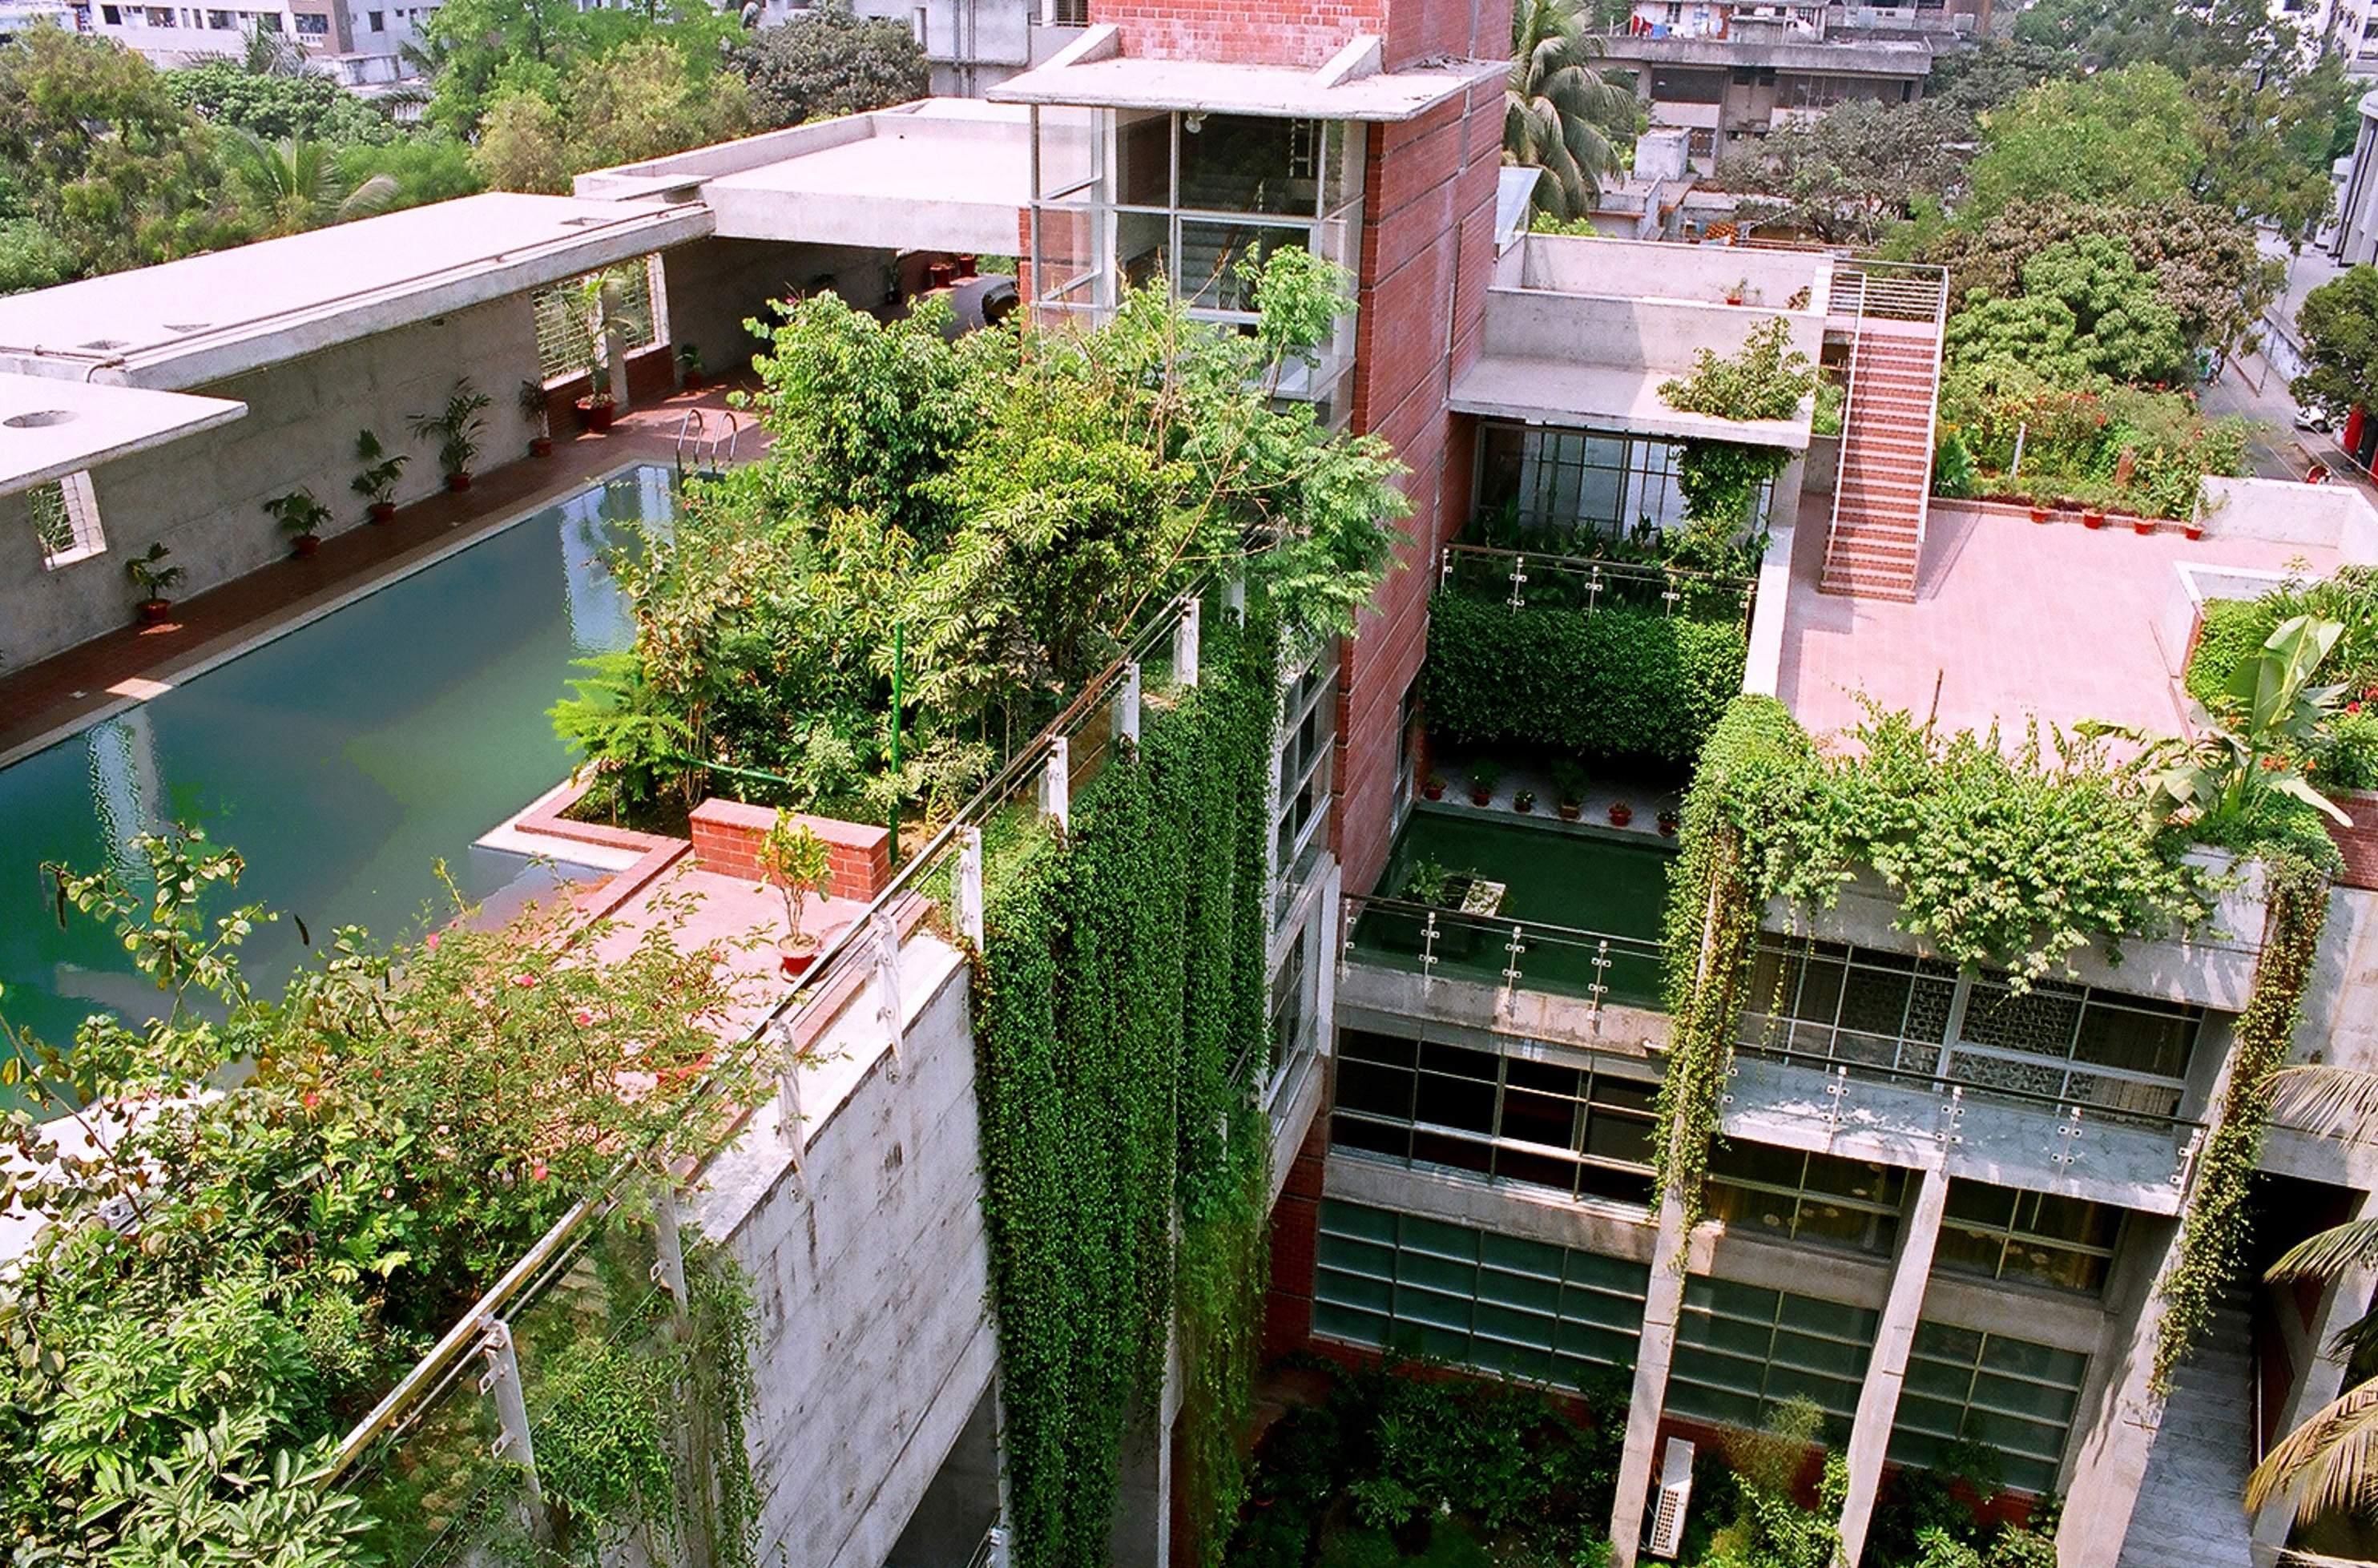 Adopter le toit v g talis en toute simplicit maison jardin - Entretien toit vegetalise ...